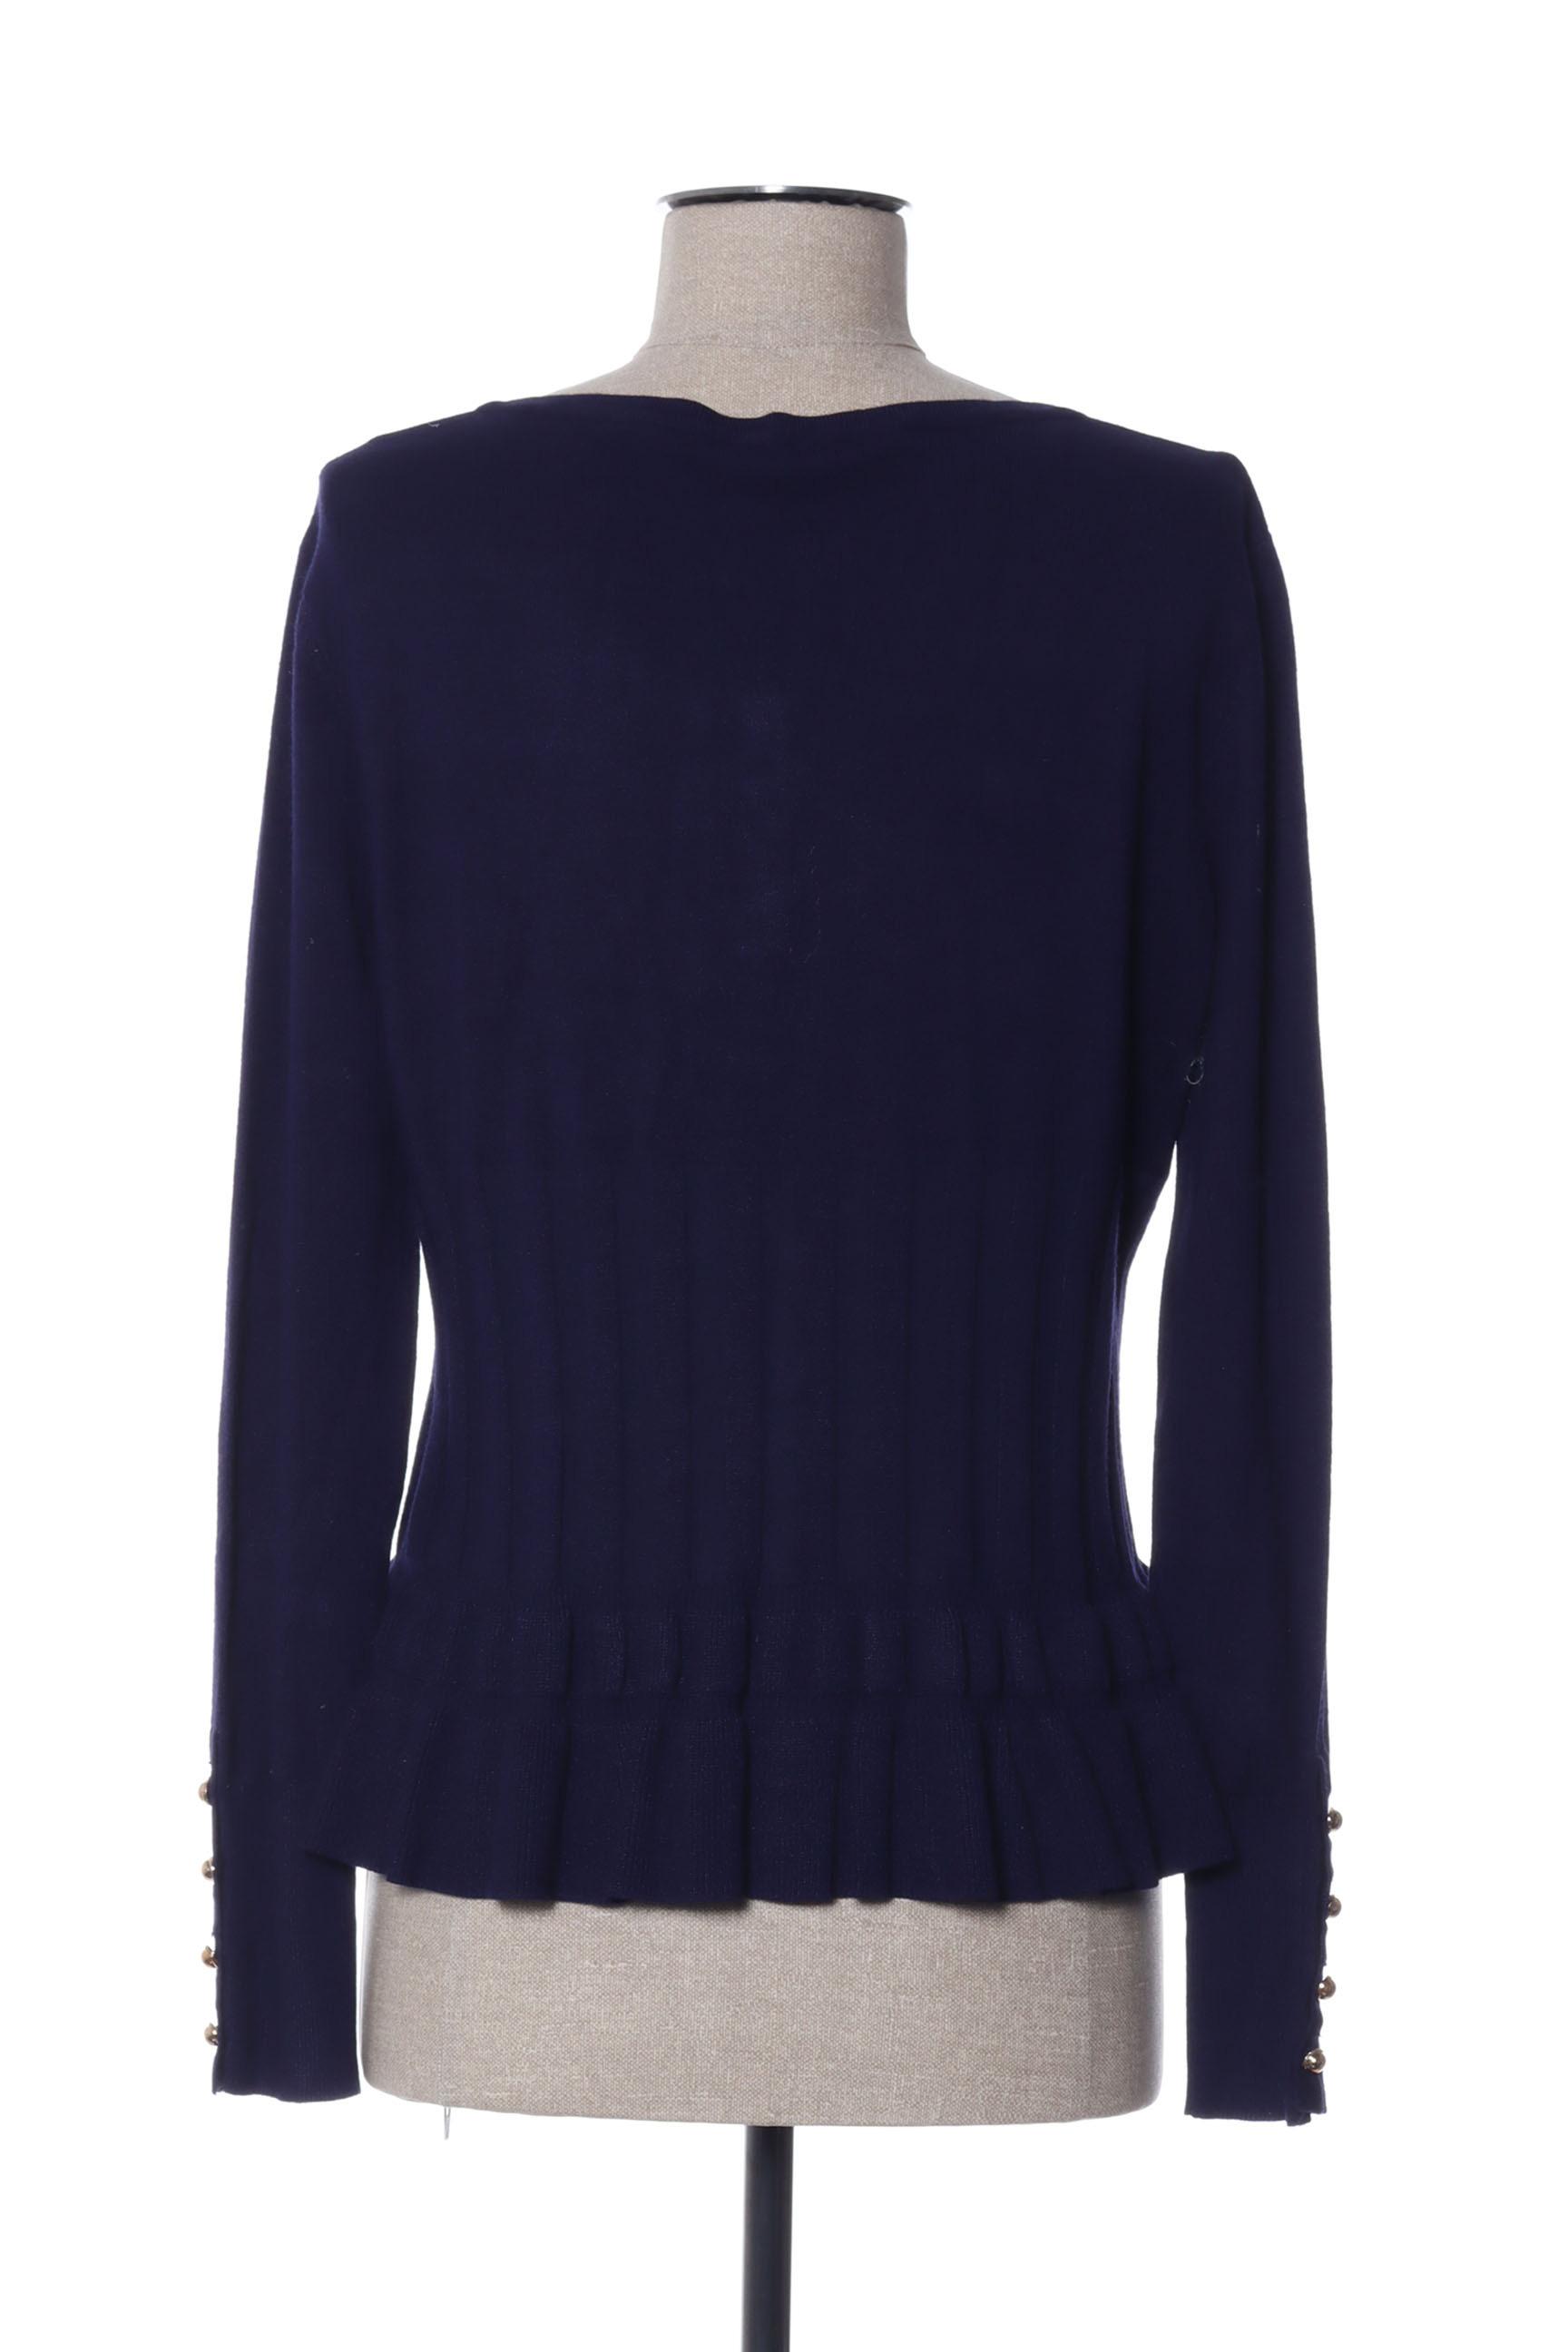 Grege Creation Cardigans Femme De Couleur Bleu En Soldes Pas Cher 1425148-bleu00